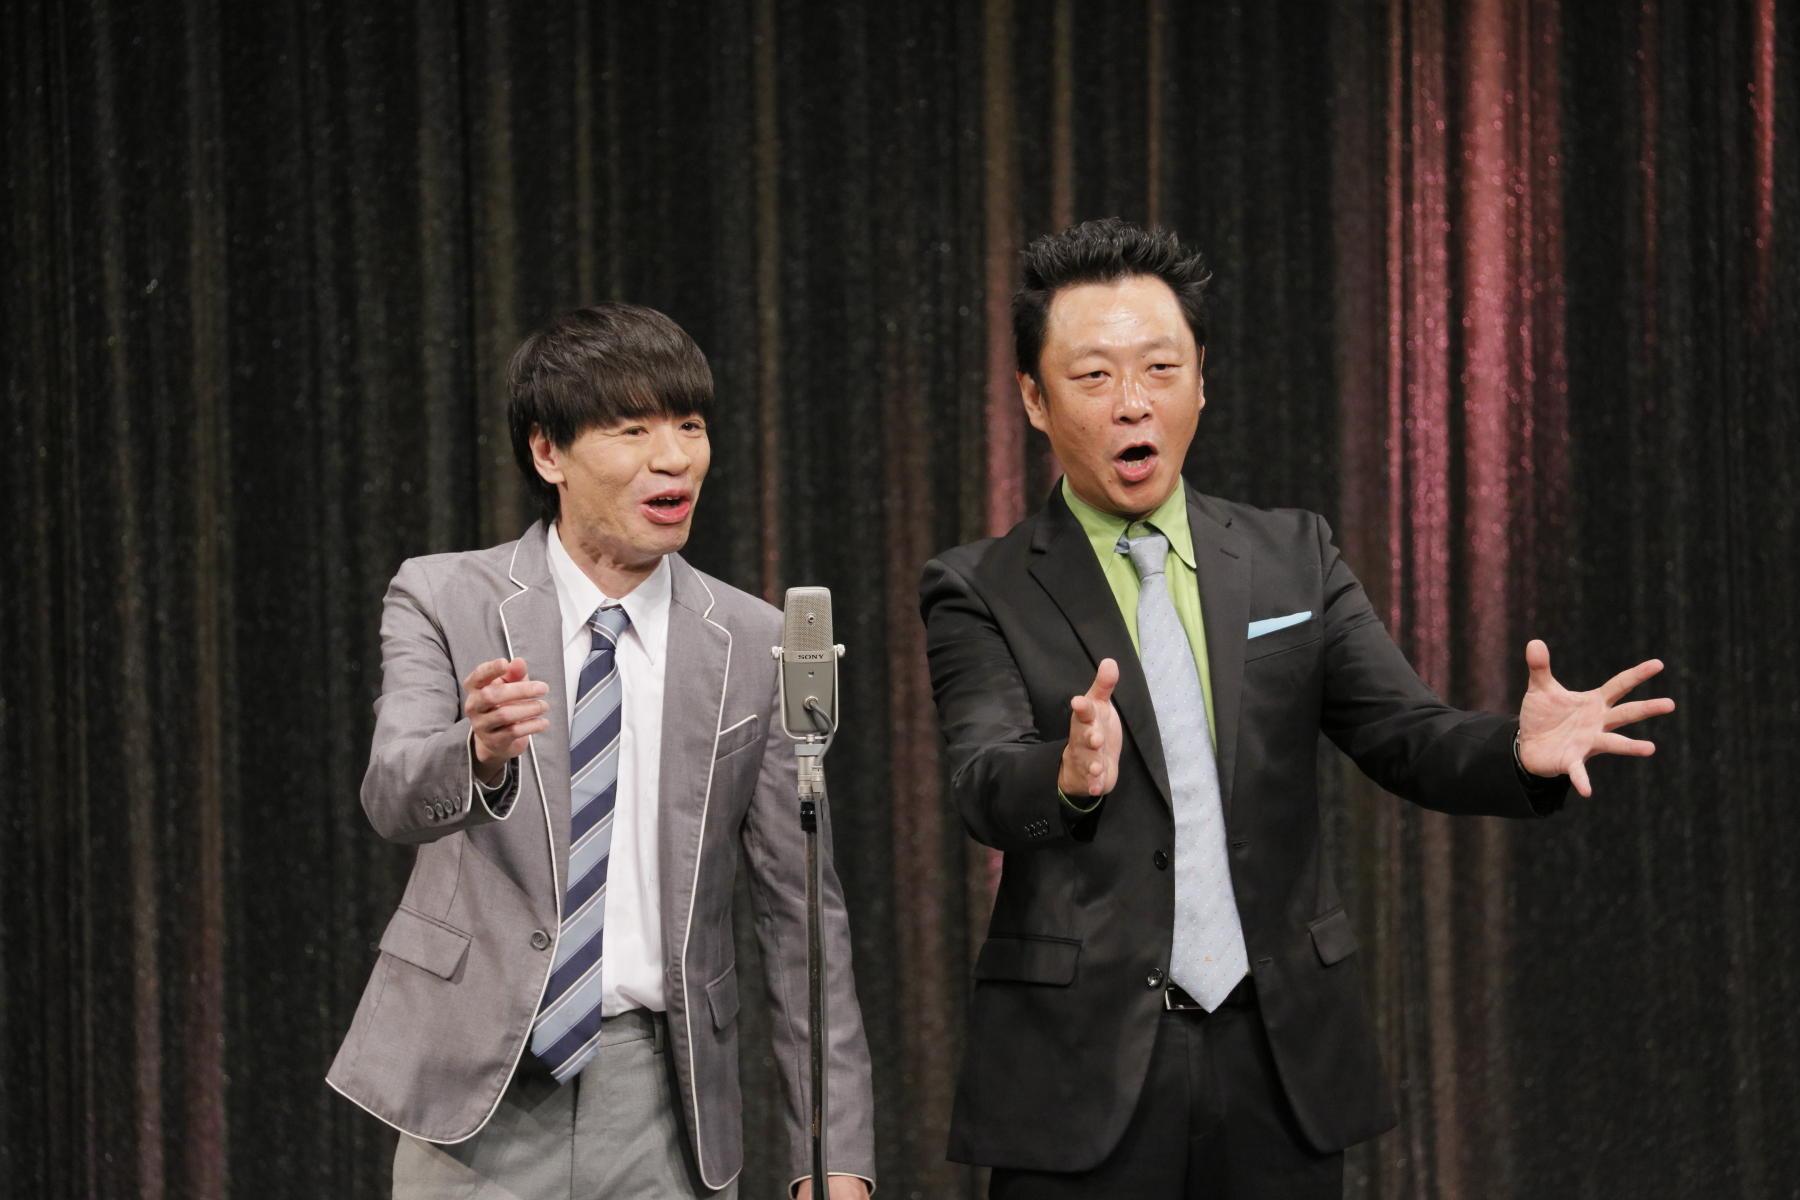 http://news.yoshimoto.co.jp/20180727224709-8833b0a196fbd69c0b89120417bcd3bde3c85f5f.jpg